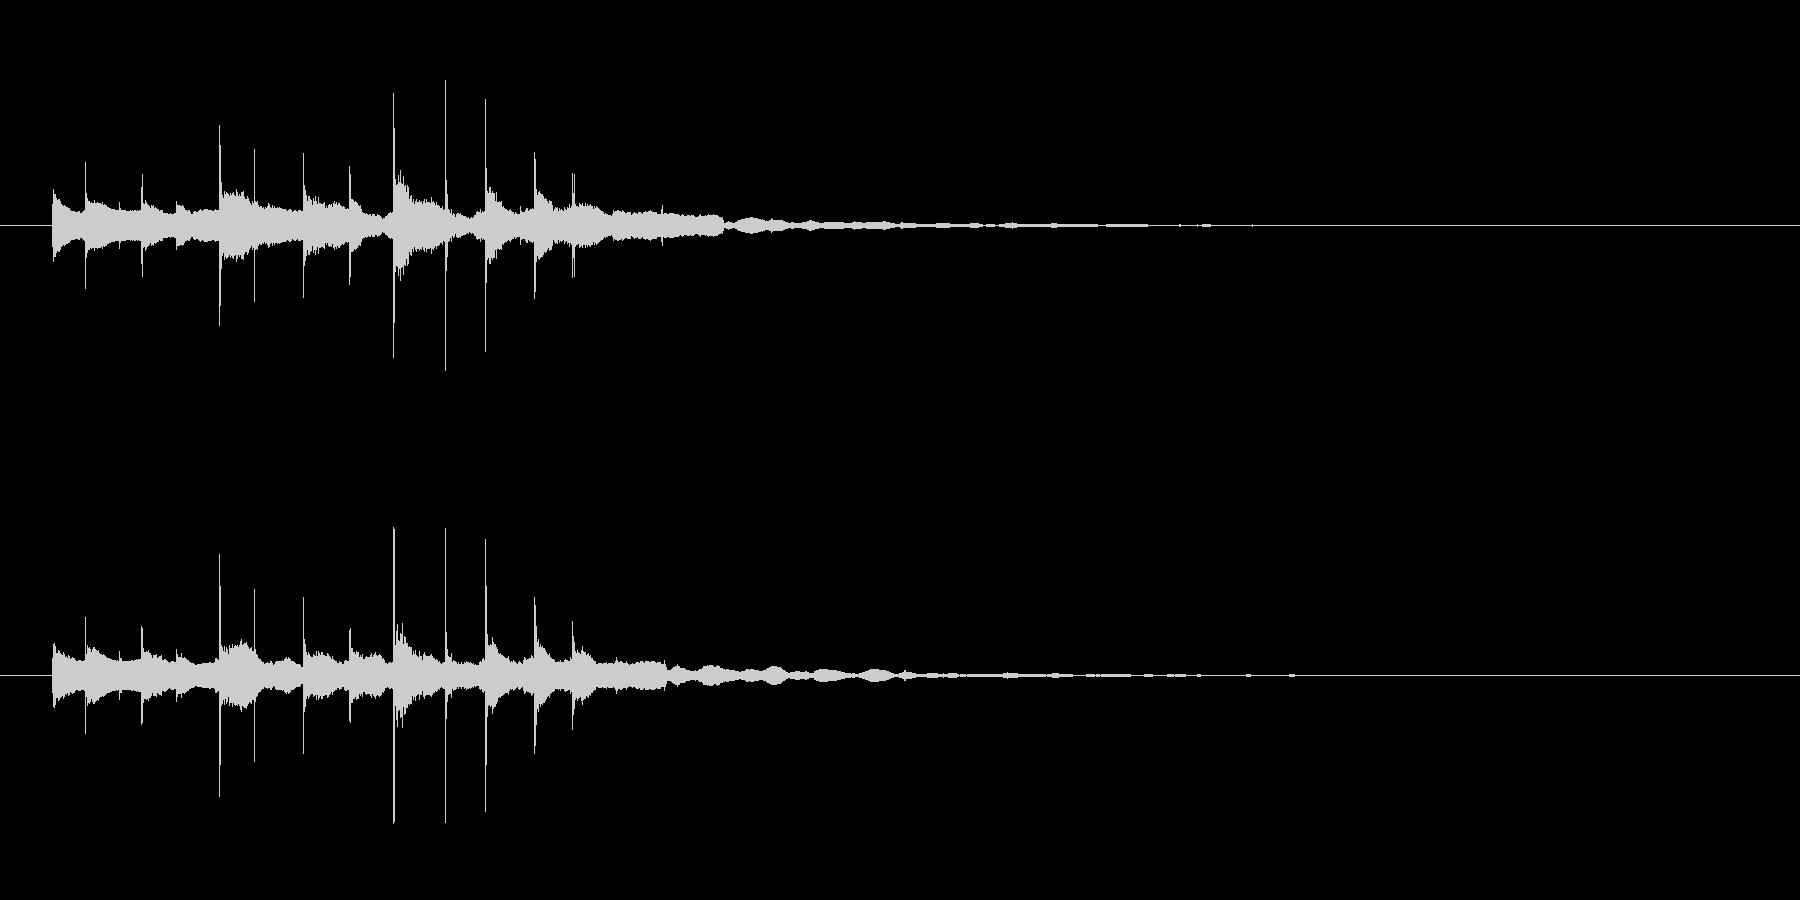 素材 グロッケンシュピールスパーク...の未再生の波形